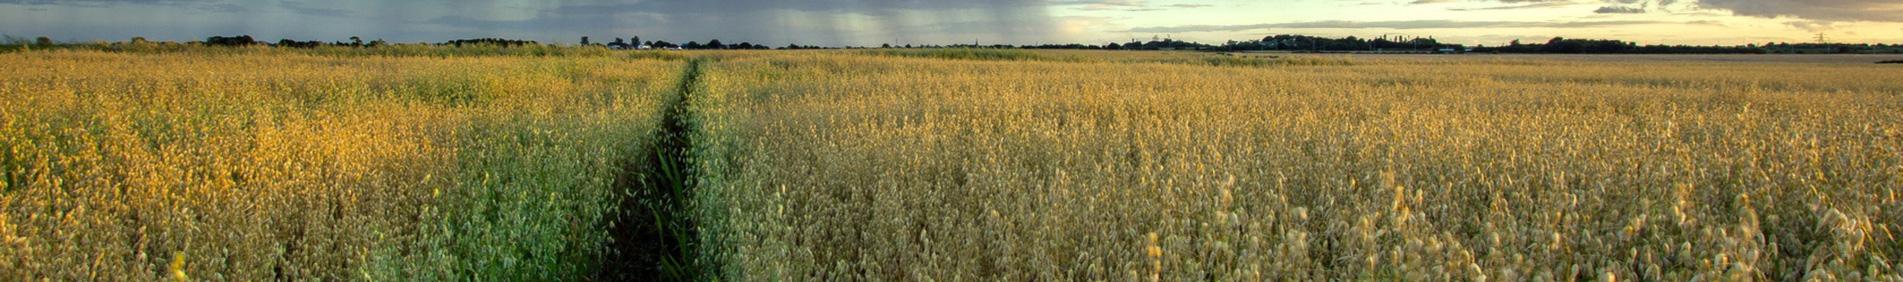 A aveia é um cereal muito nutritivo, que possui cálcio, ferro, proteínas, além de vitaminas, carboidratos e fibras. A aveia está em evidência atualmente pelo alto poder benéfico da sua fibra solúvel, que está relacionada a um bom funcionamento intestinal,